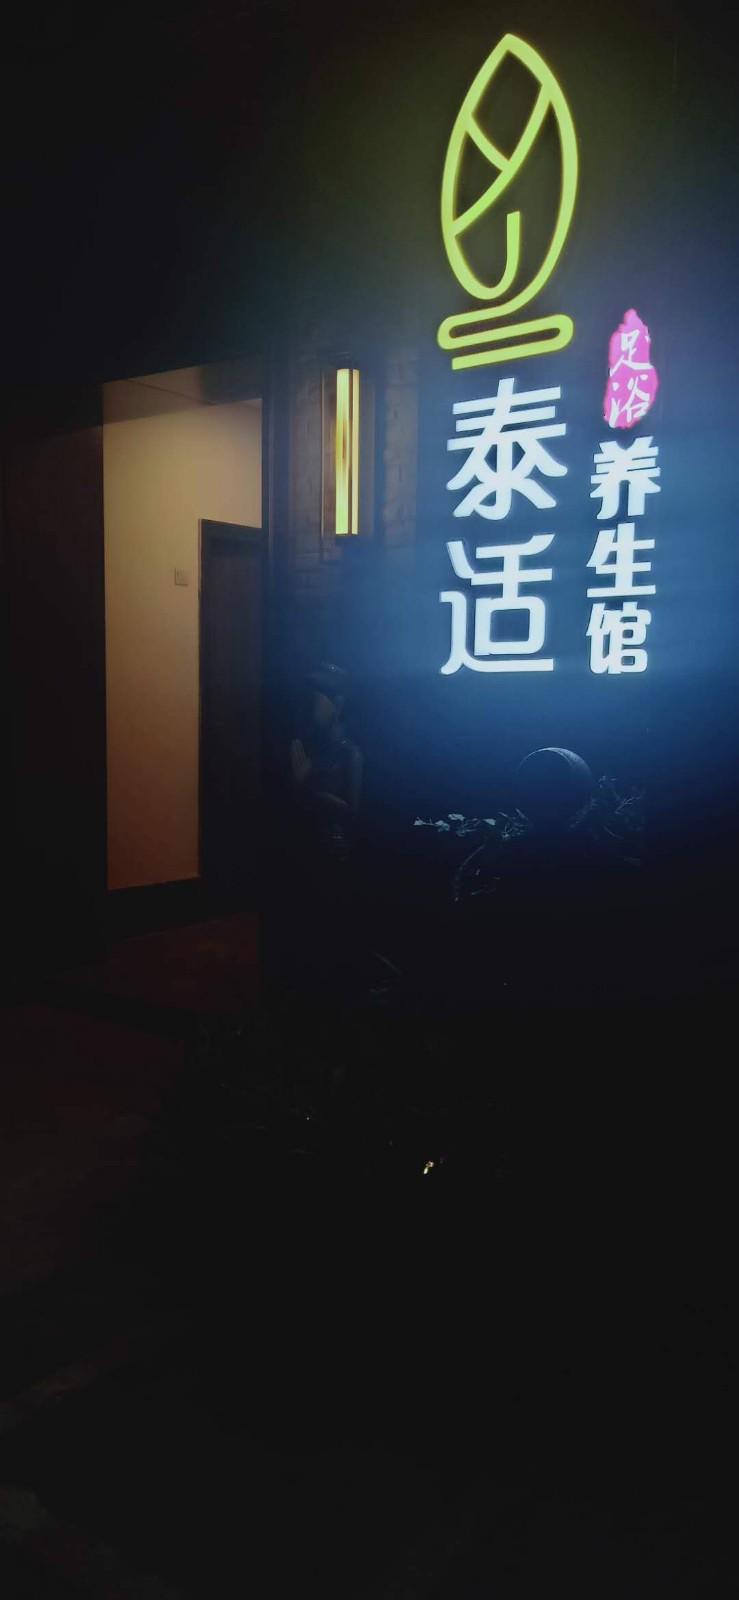 云南普洱泰适养生馆